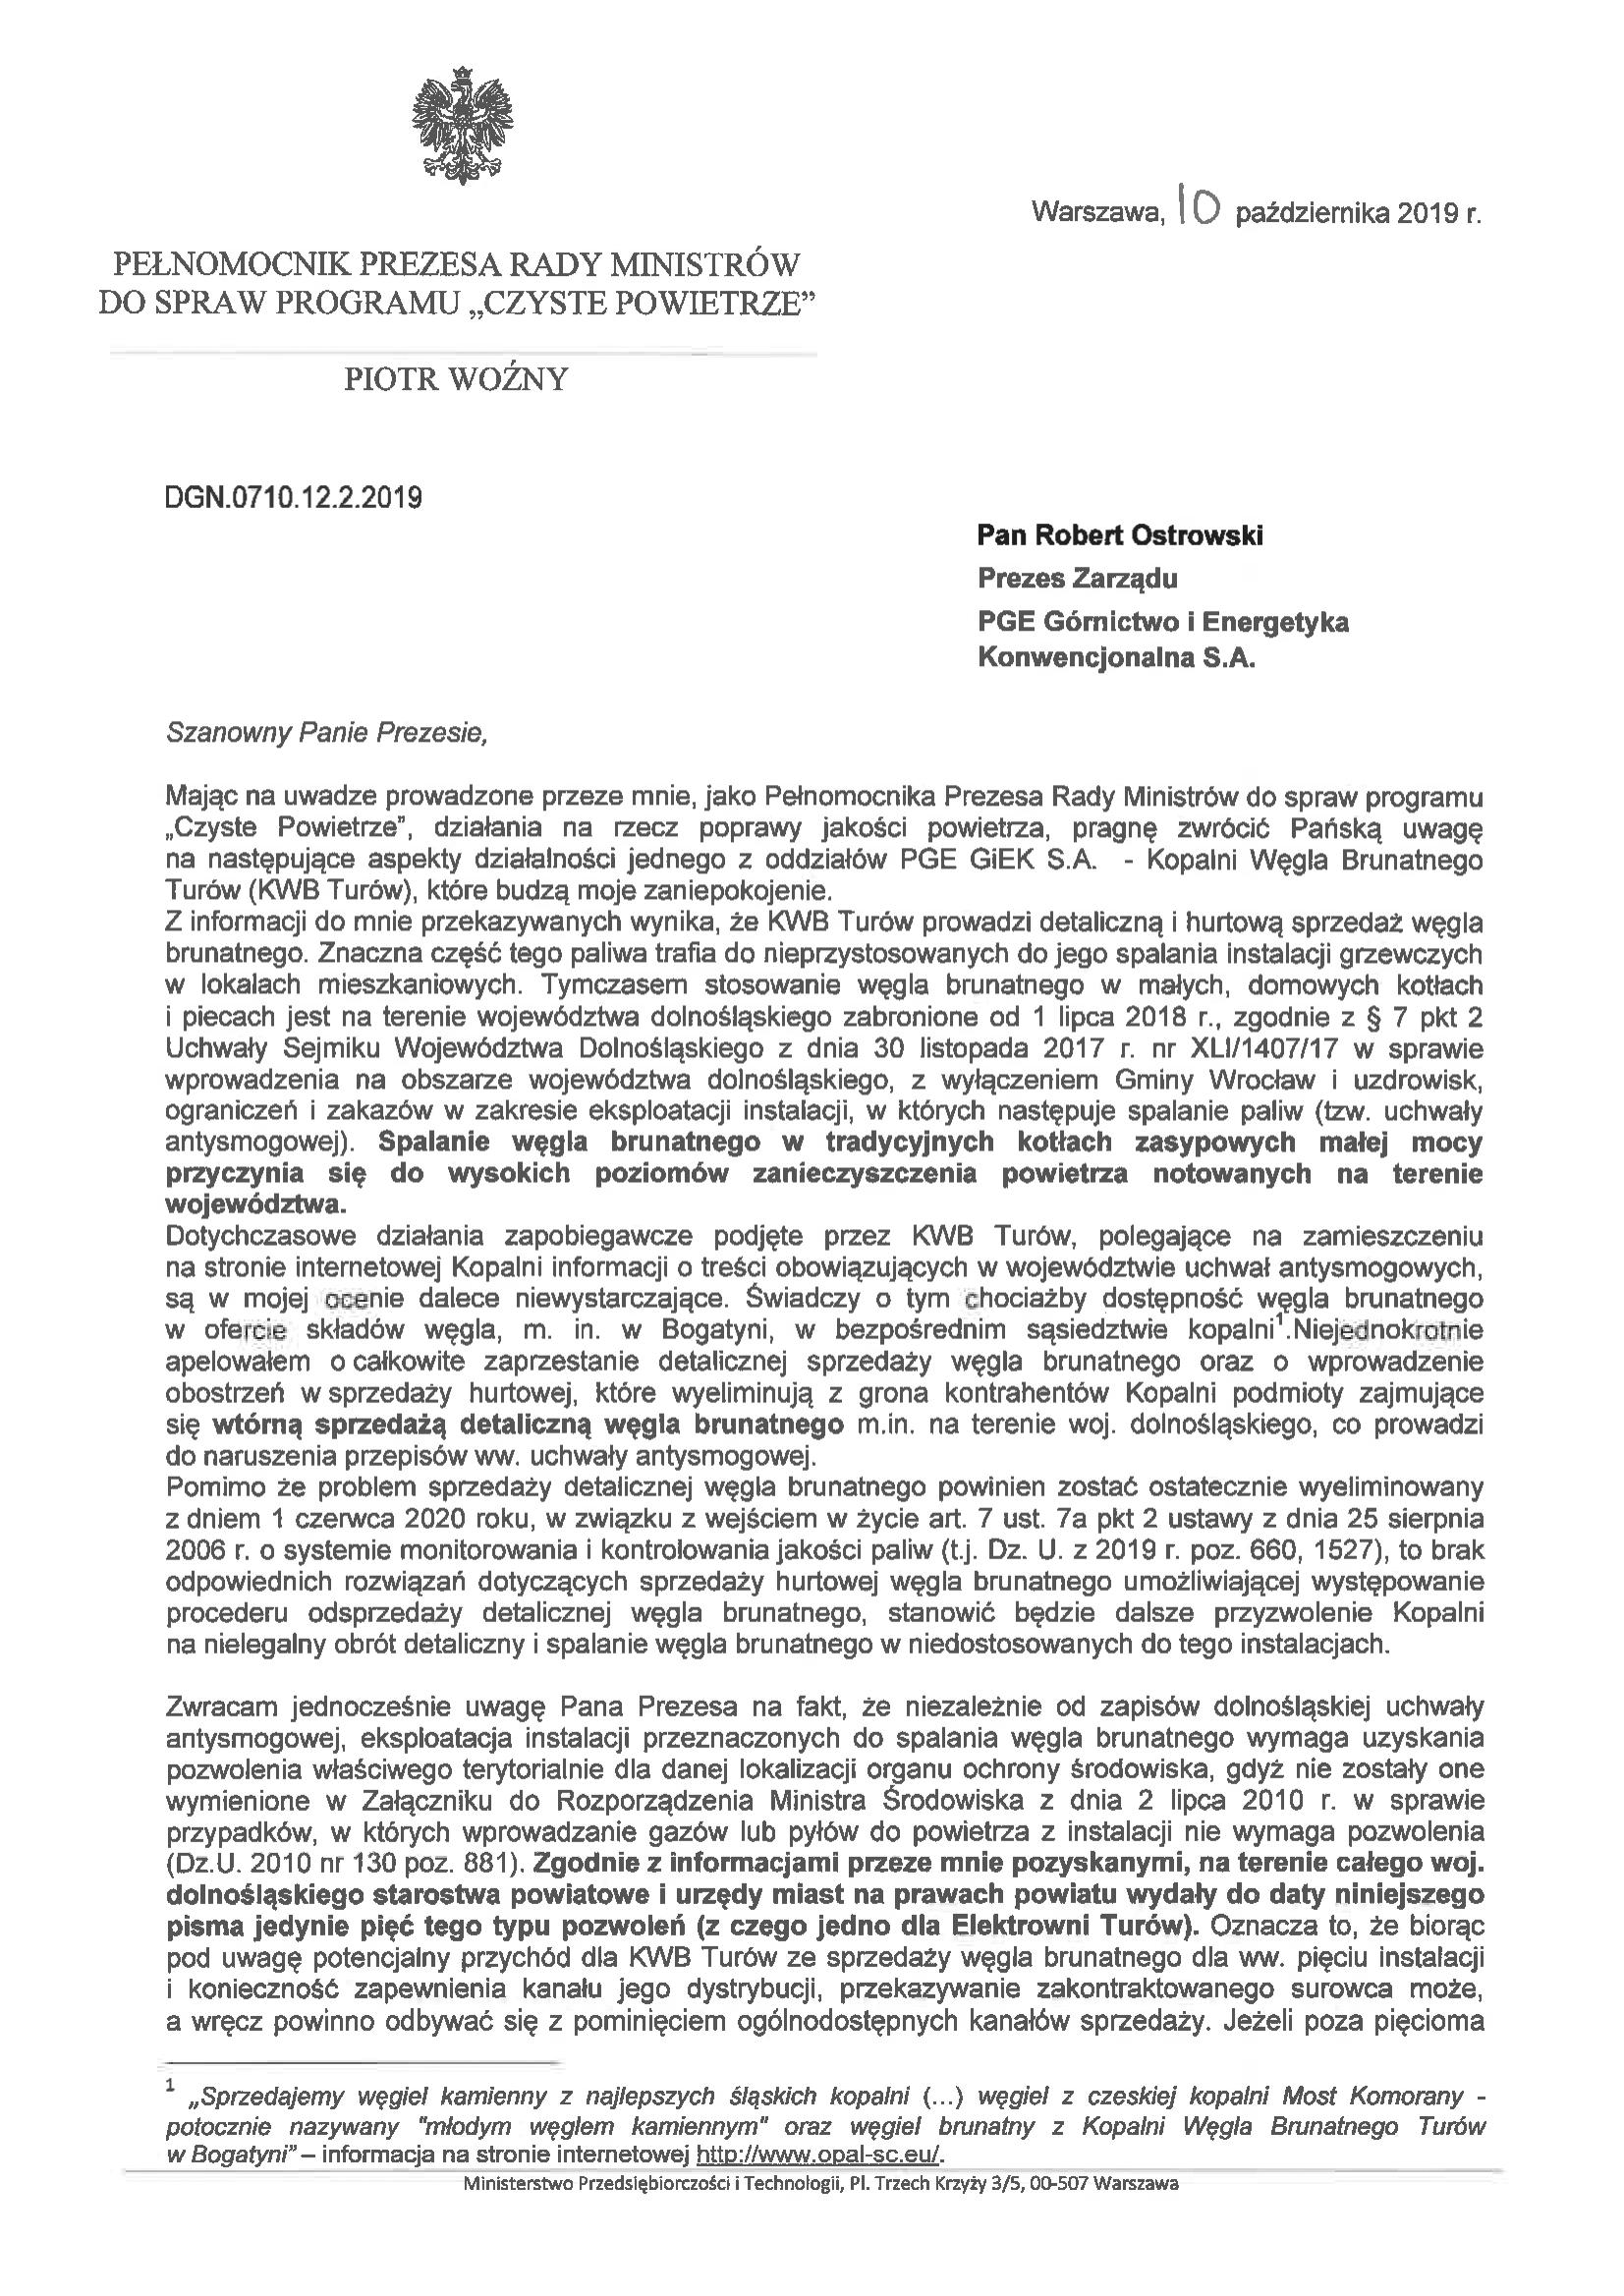 •List Pełnomocnika Rządu, Piotra Woźnego, do władz PGE